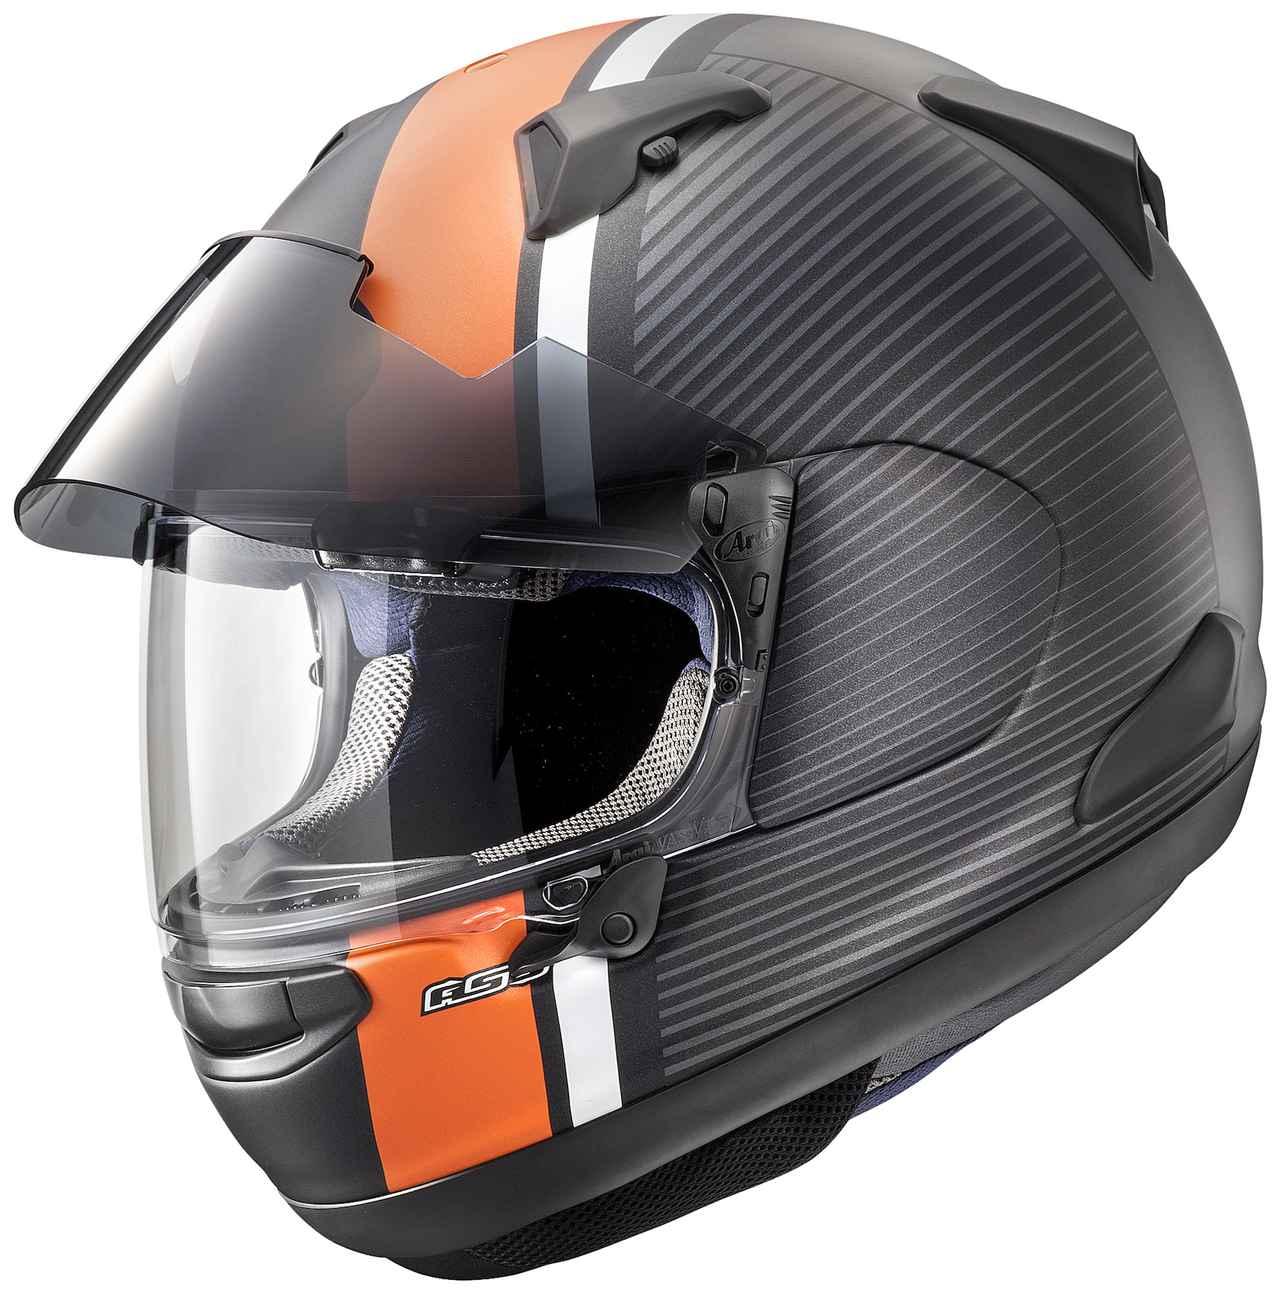 画像1: アライヘルメット ASTRAL-X TWIST(グラスブラック・ツイスト・オレンジ) ■価格:6万2640円(税込)